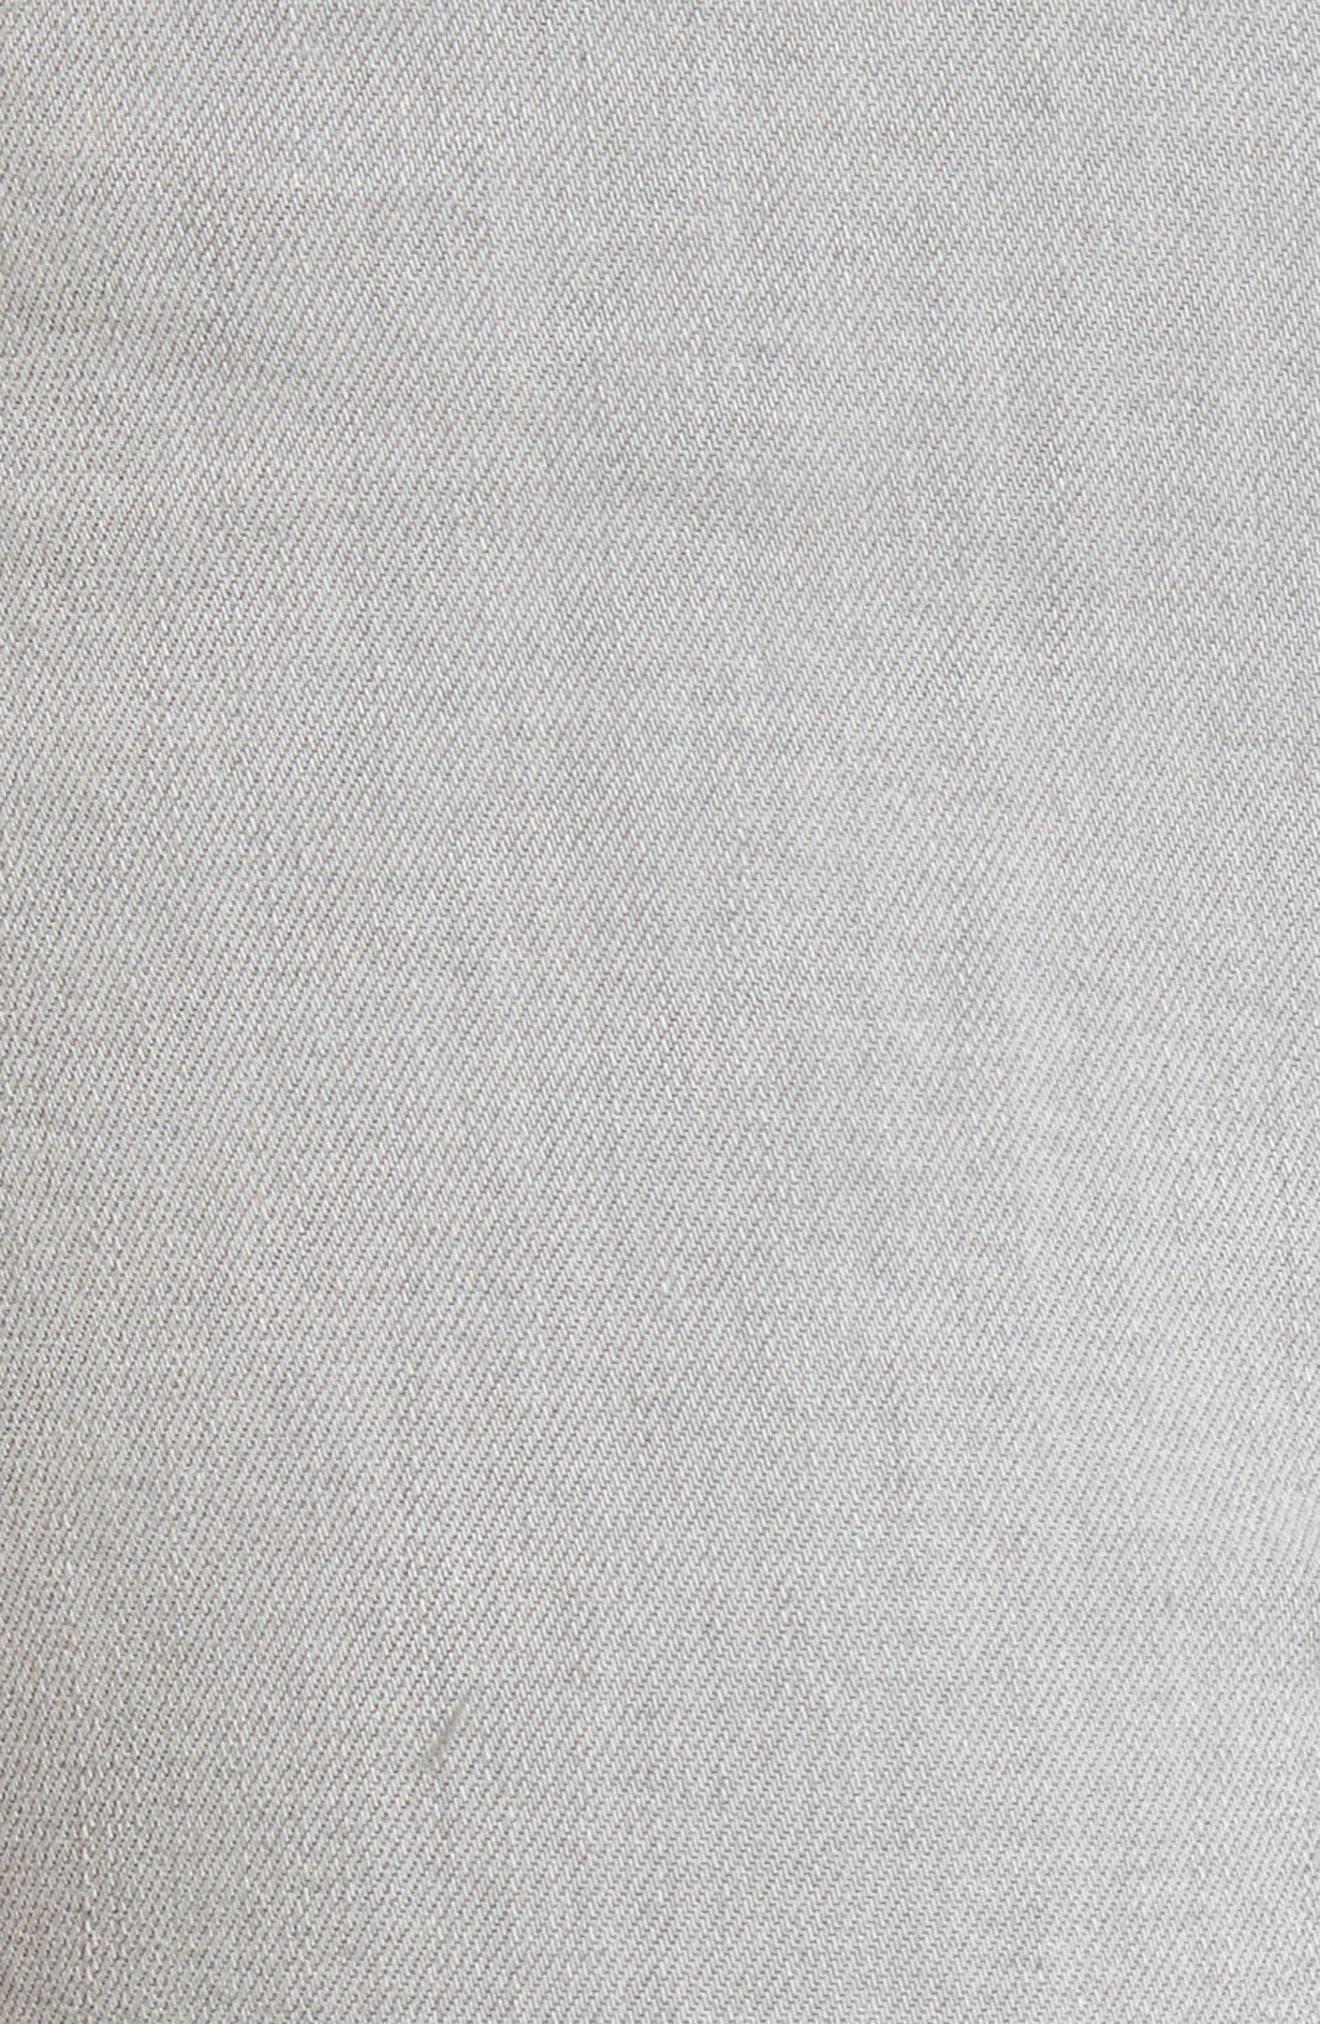 Transcend - Verdugo Ultra Skinny Jeans,                             Alternate thumbnail 6, color,                             Whisper Grey